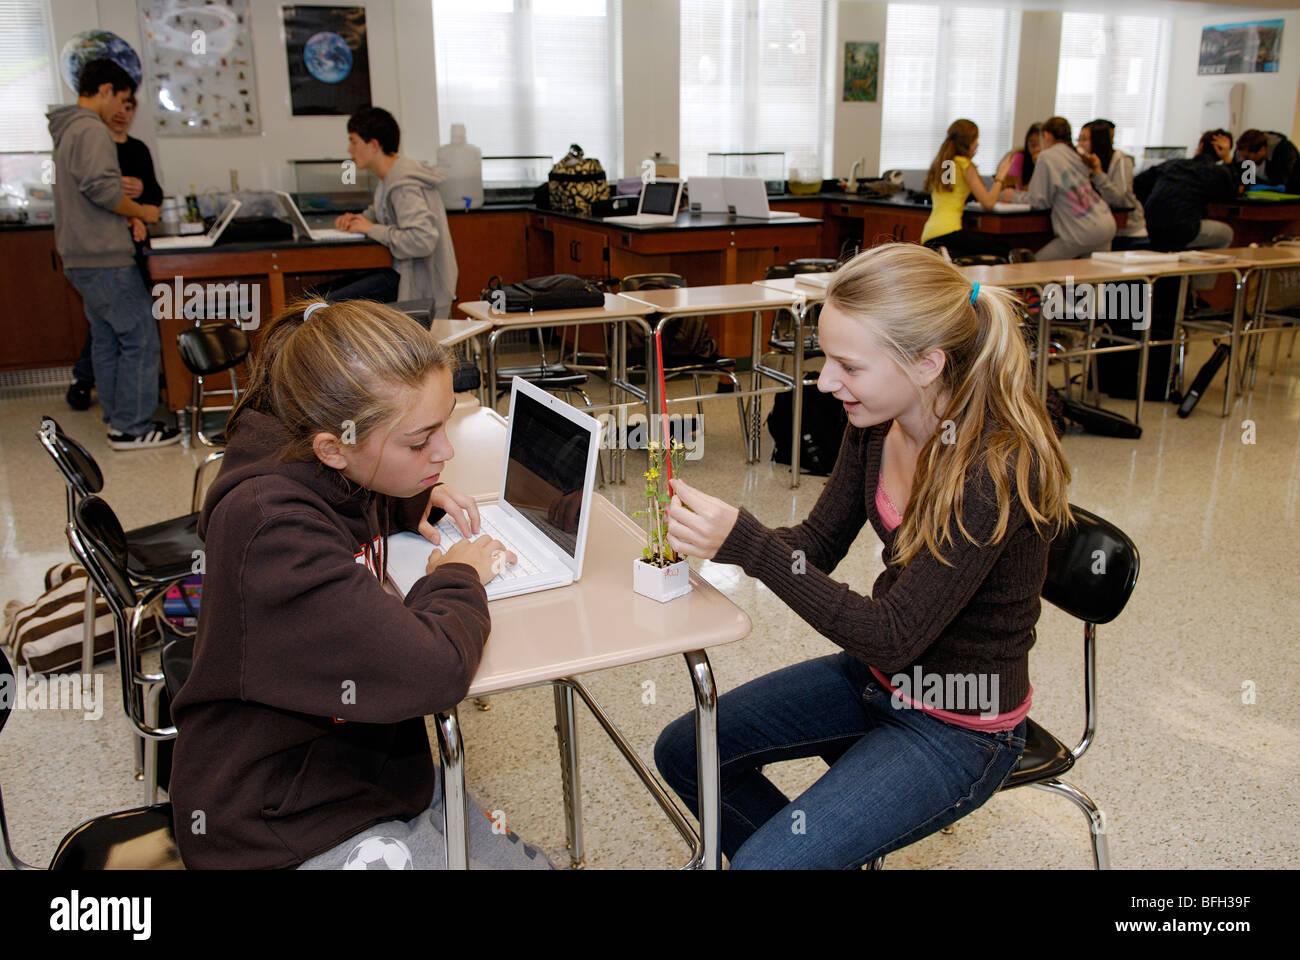 Los estudiantes de secundaria la recopilación de datos sobre una planta experimento, el aprendizaje de las Imagen De Stock